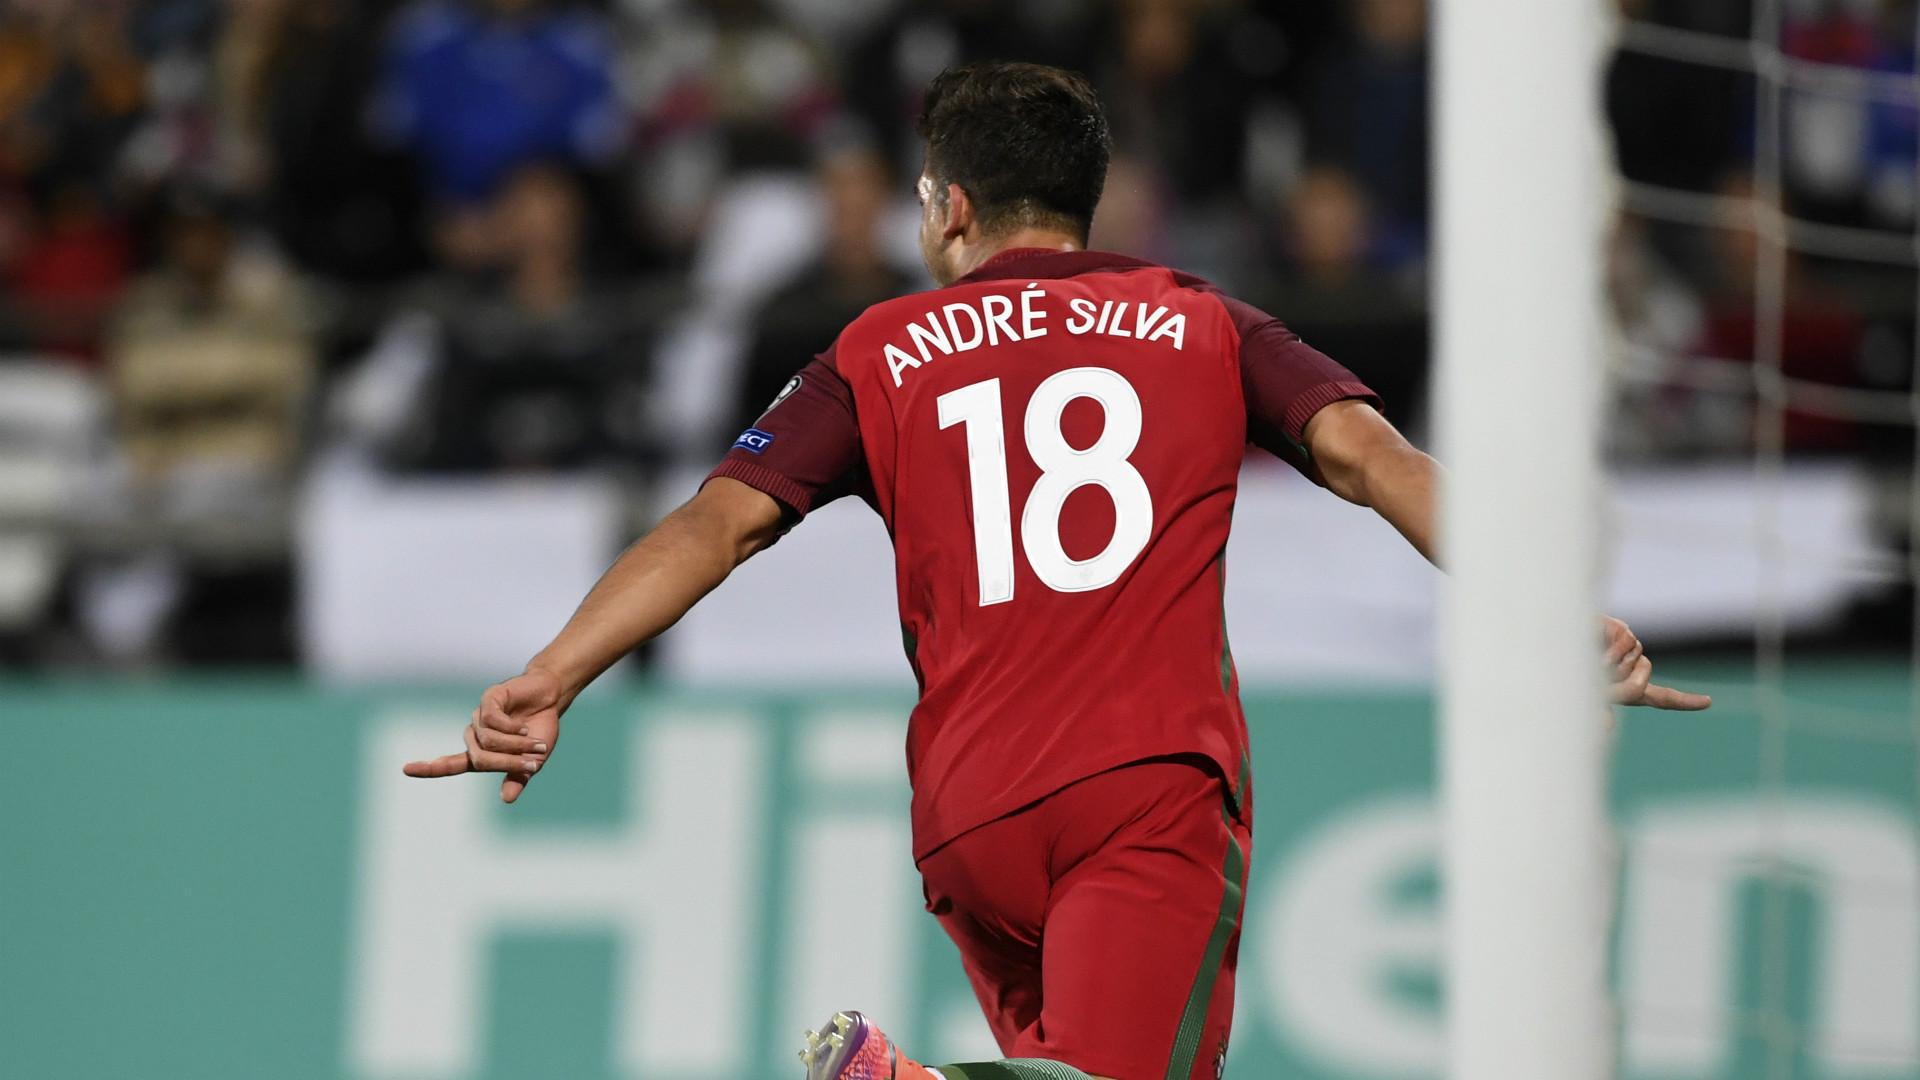 Calciomercato Milan: Rodriguez arriva in settimana, Andrè Silva alternativa a Morata